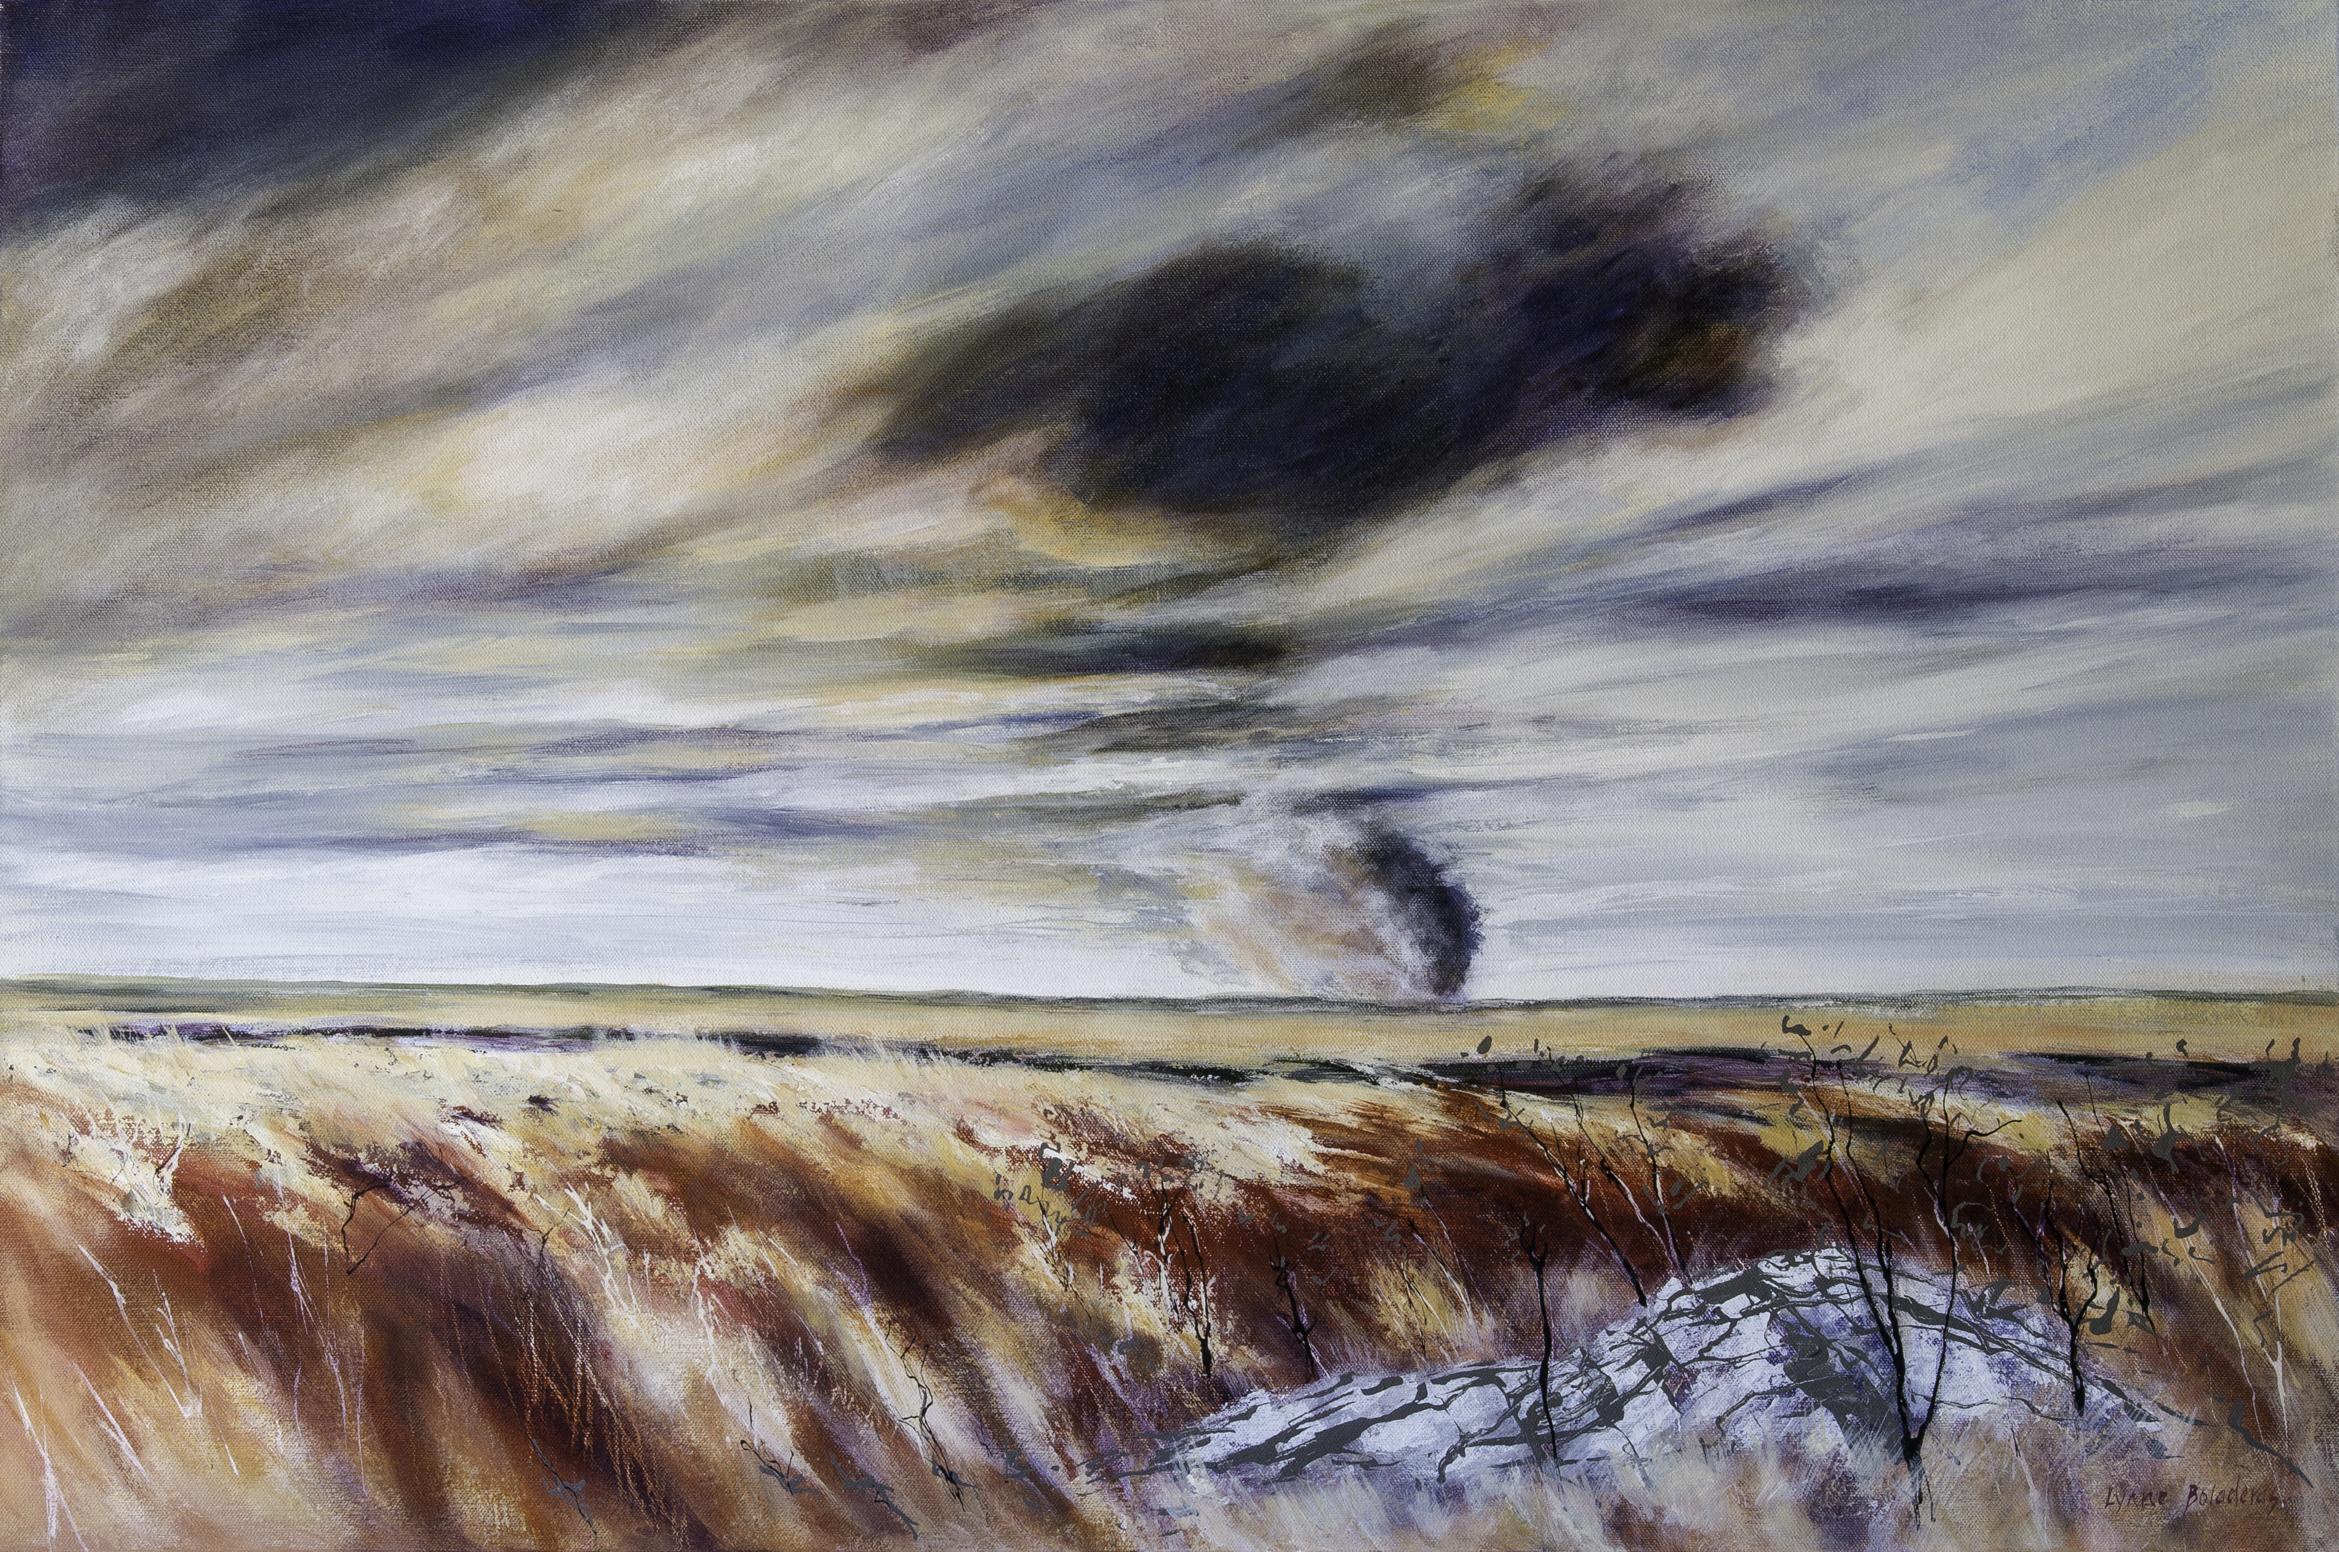 Lynne Boladeras_Rightway Burning_Acrylic on Canvas_61 x 91cm_$750.jpg